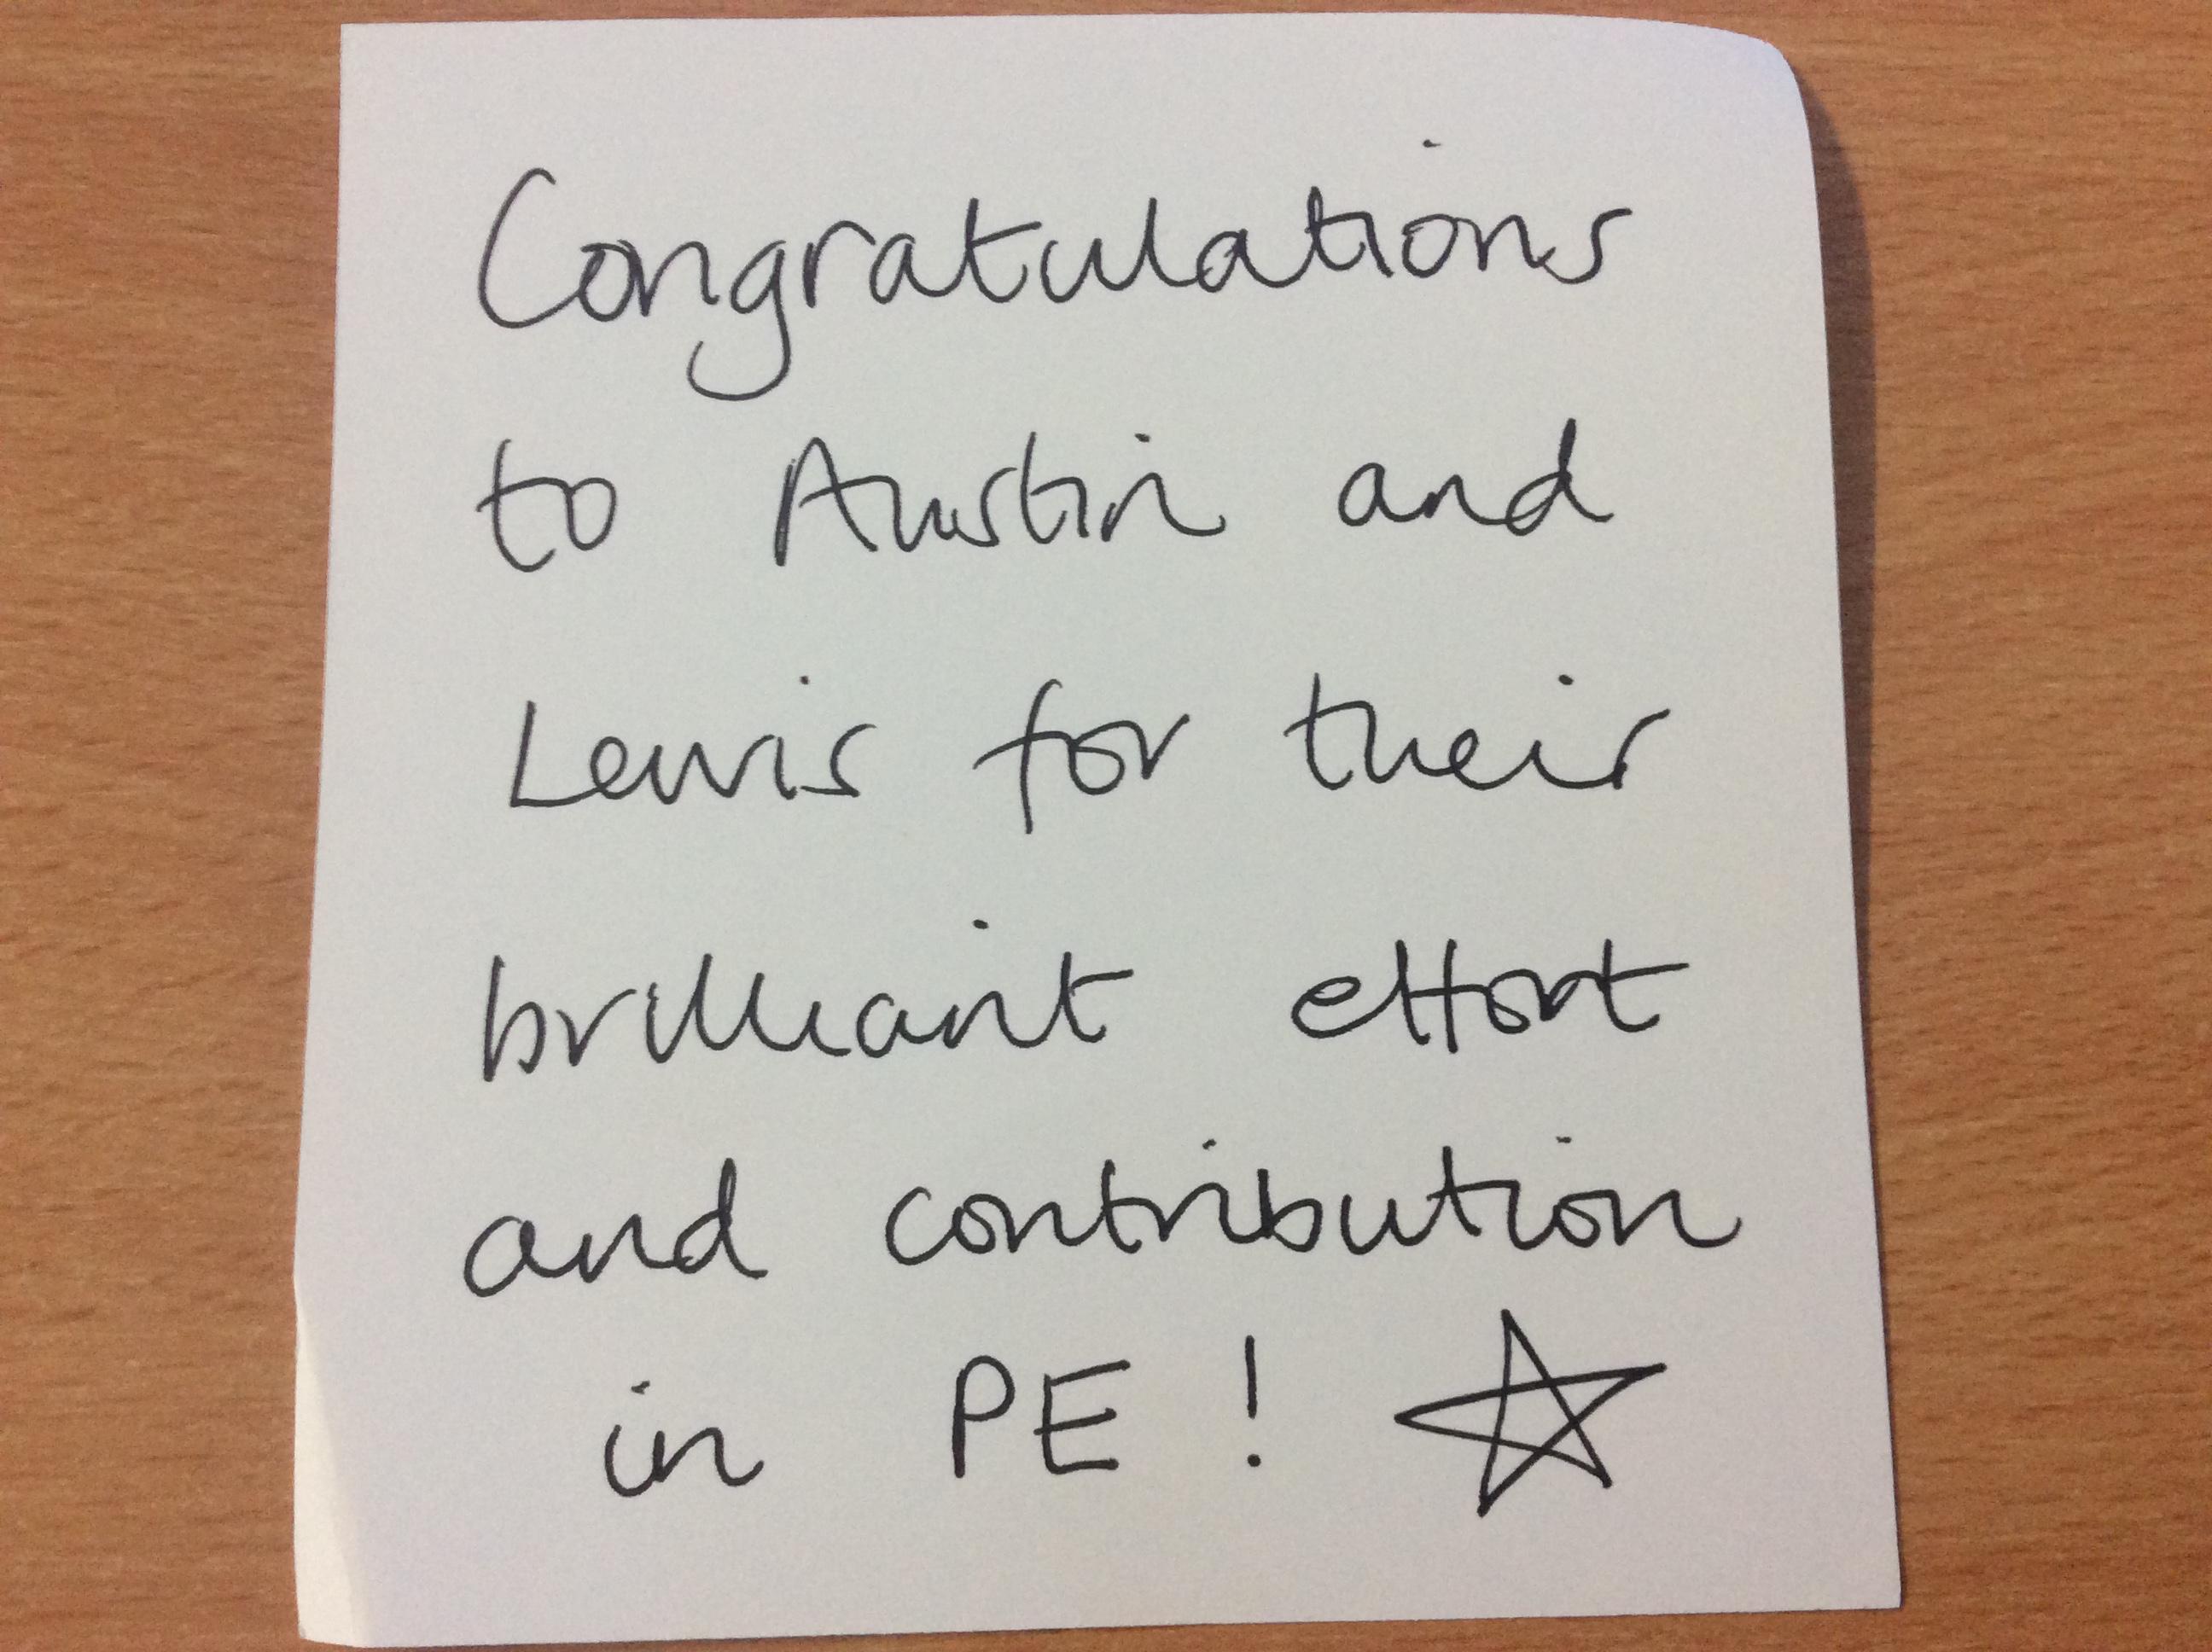 Austin and Lewis's brilliant attitudes!.